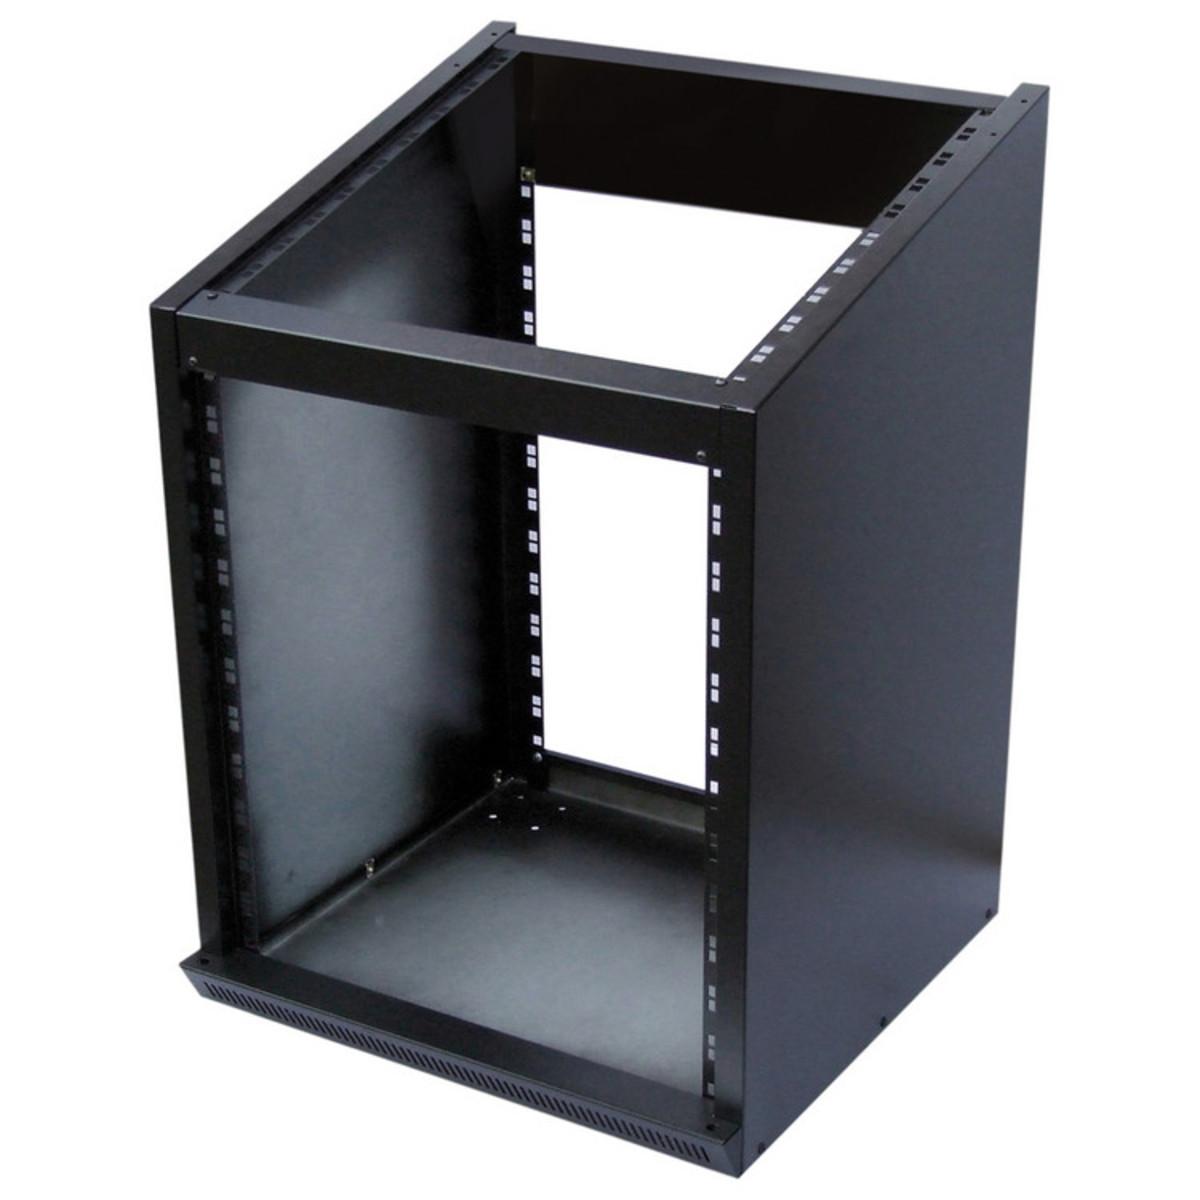 Support D 39 Appareils Style Ragonneau Console W 10u Table De Mixage Et Espaces Rack 16u